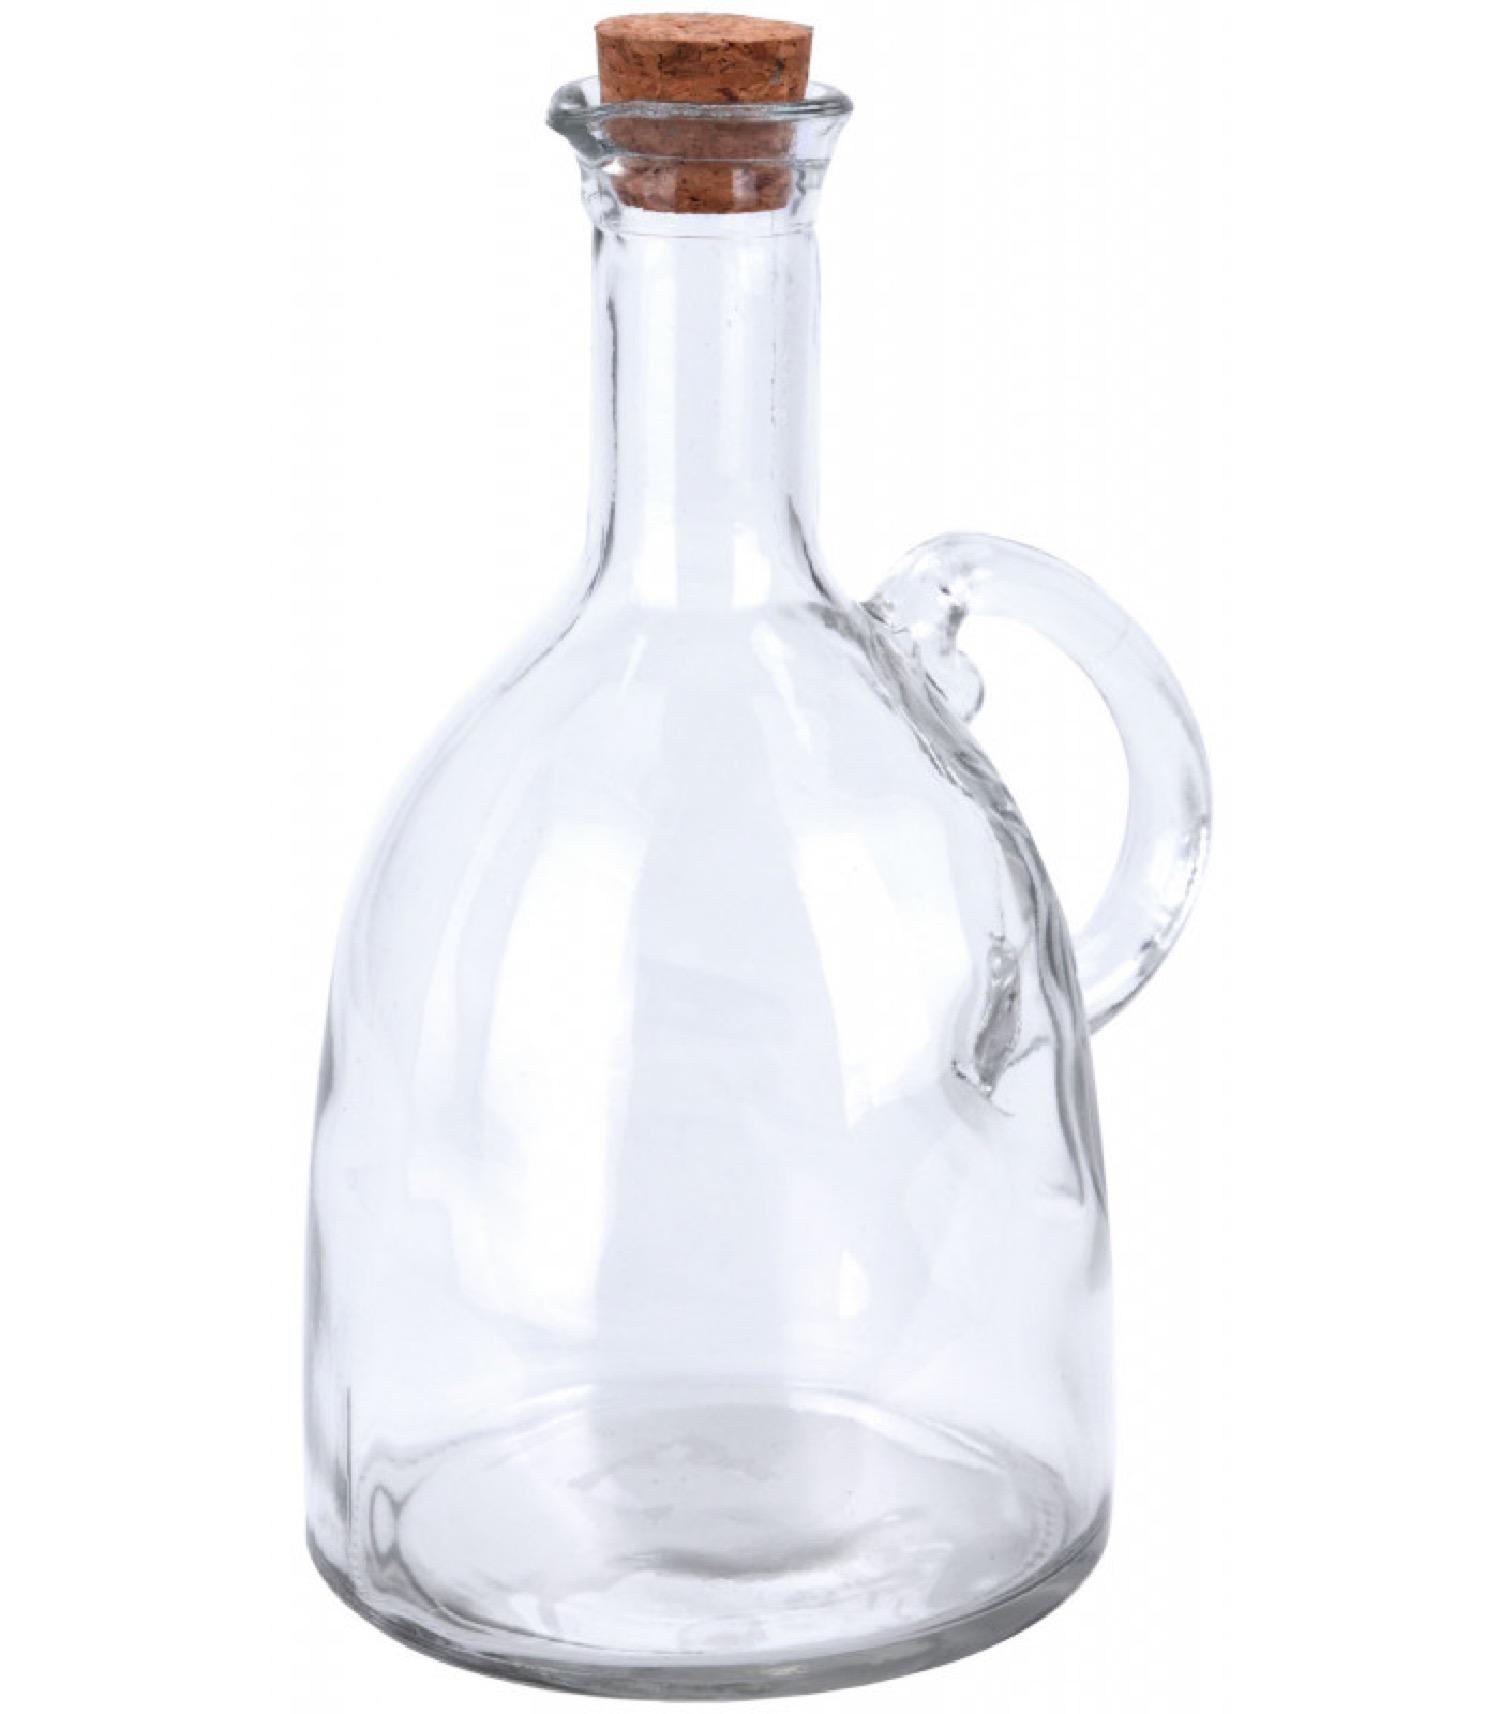 Huilier en verre transparent avec bouchon liège 500ml